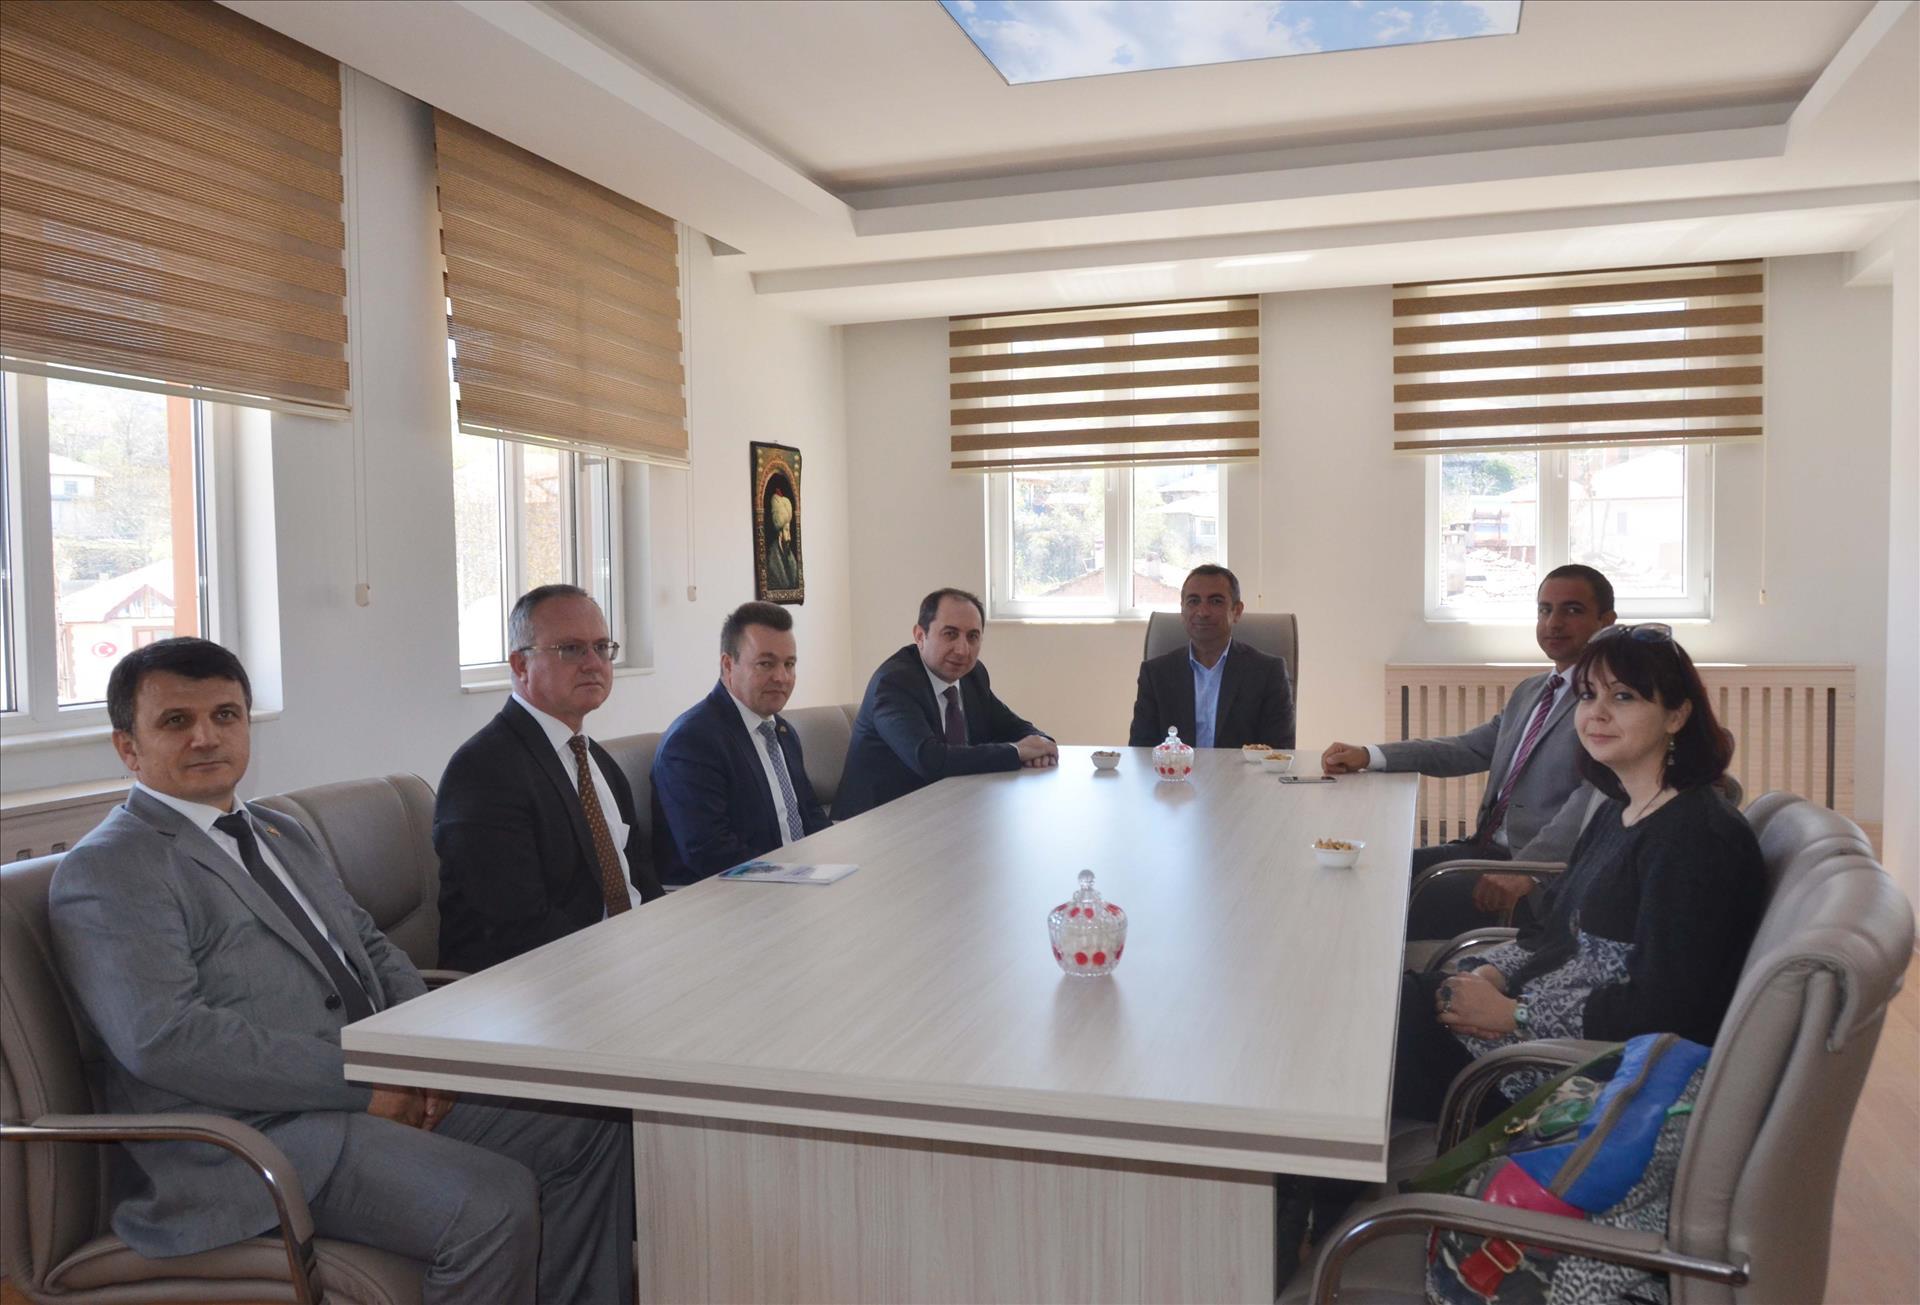 Rektörümüzden Boğazkale Belediye Başkanı Tangazoğlu'na Ziyaret